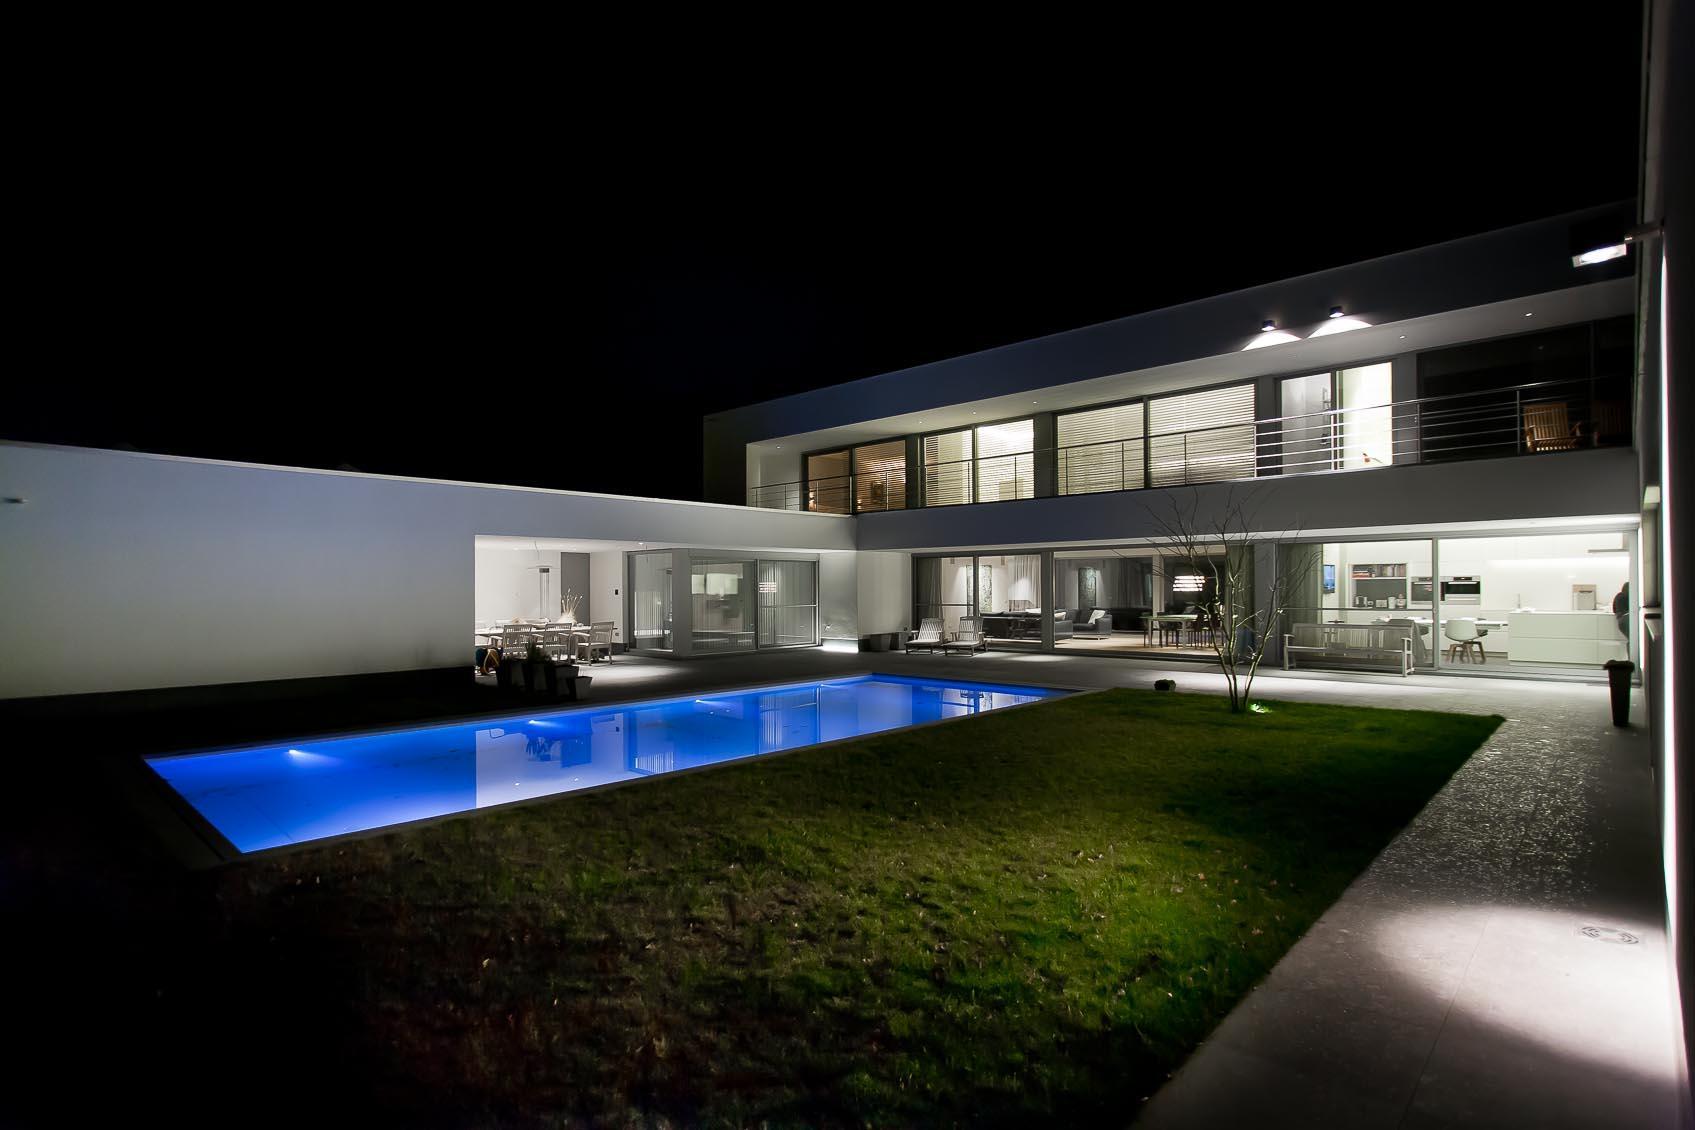 cubo buitenspot aan gevel moderne witte woning zorgt voor aangename sfeer terras